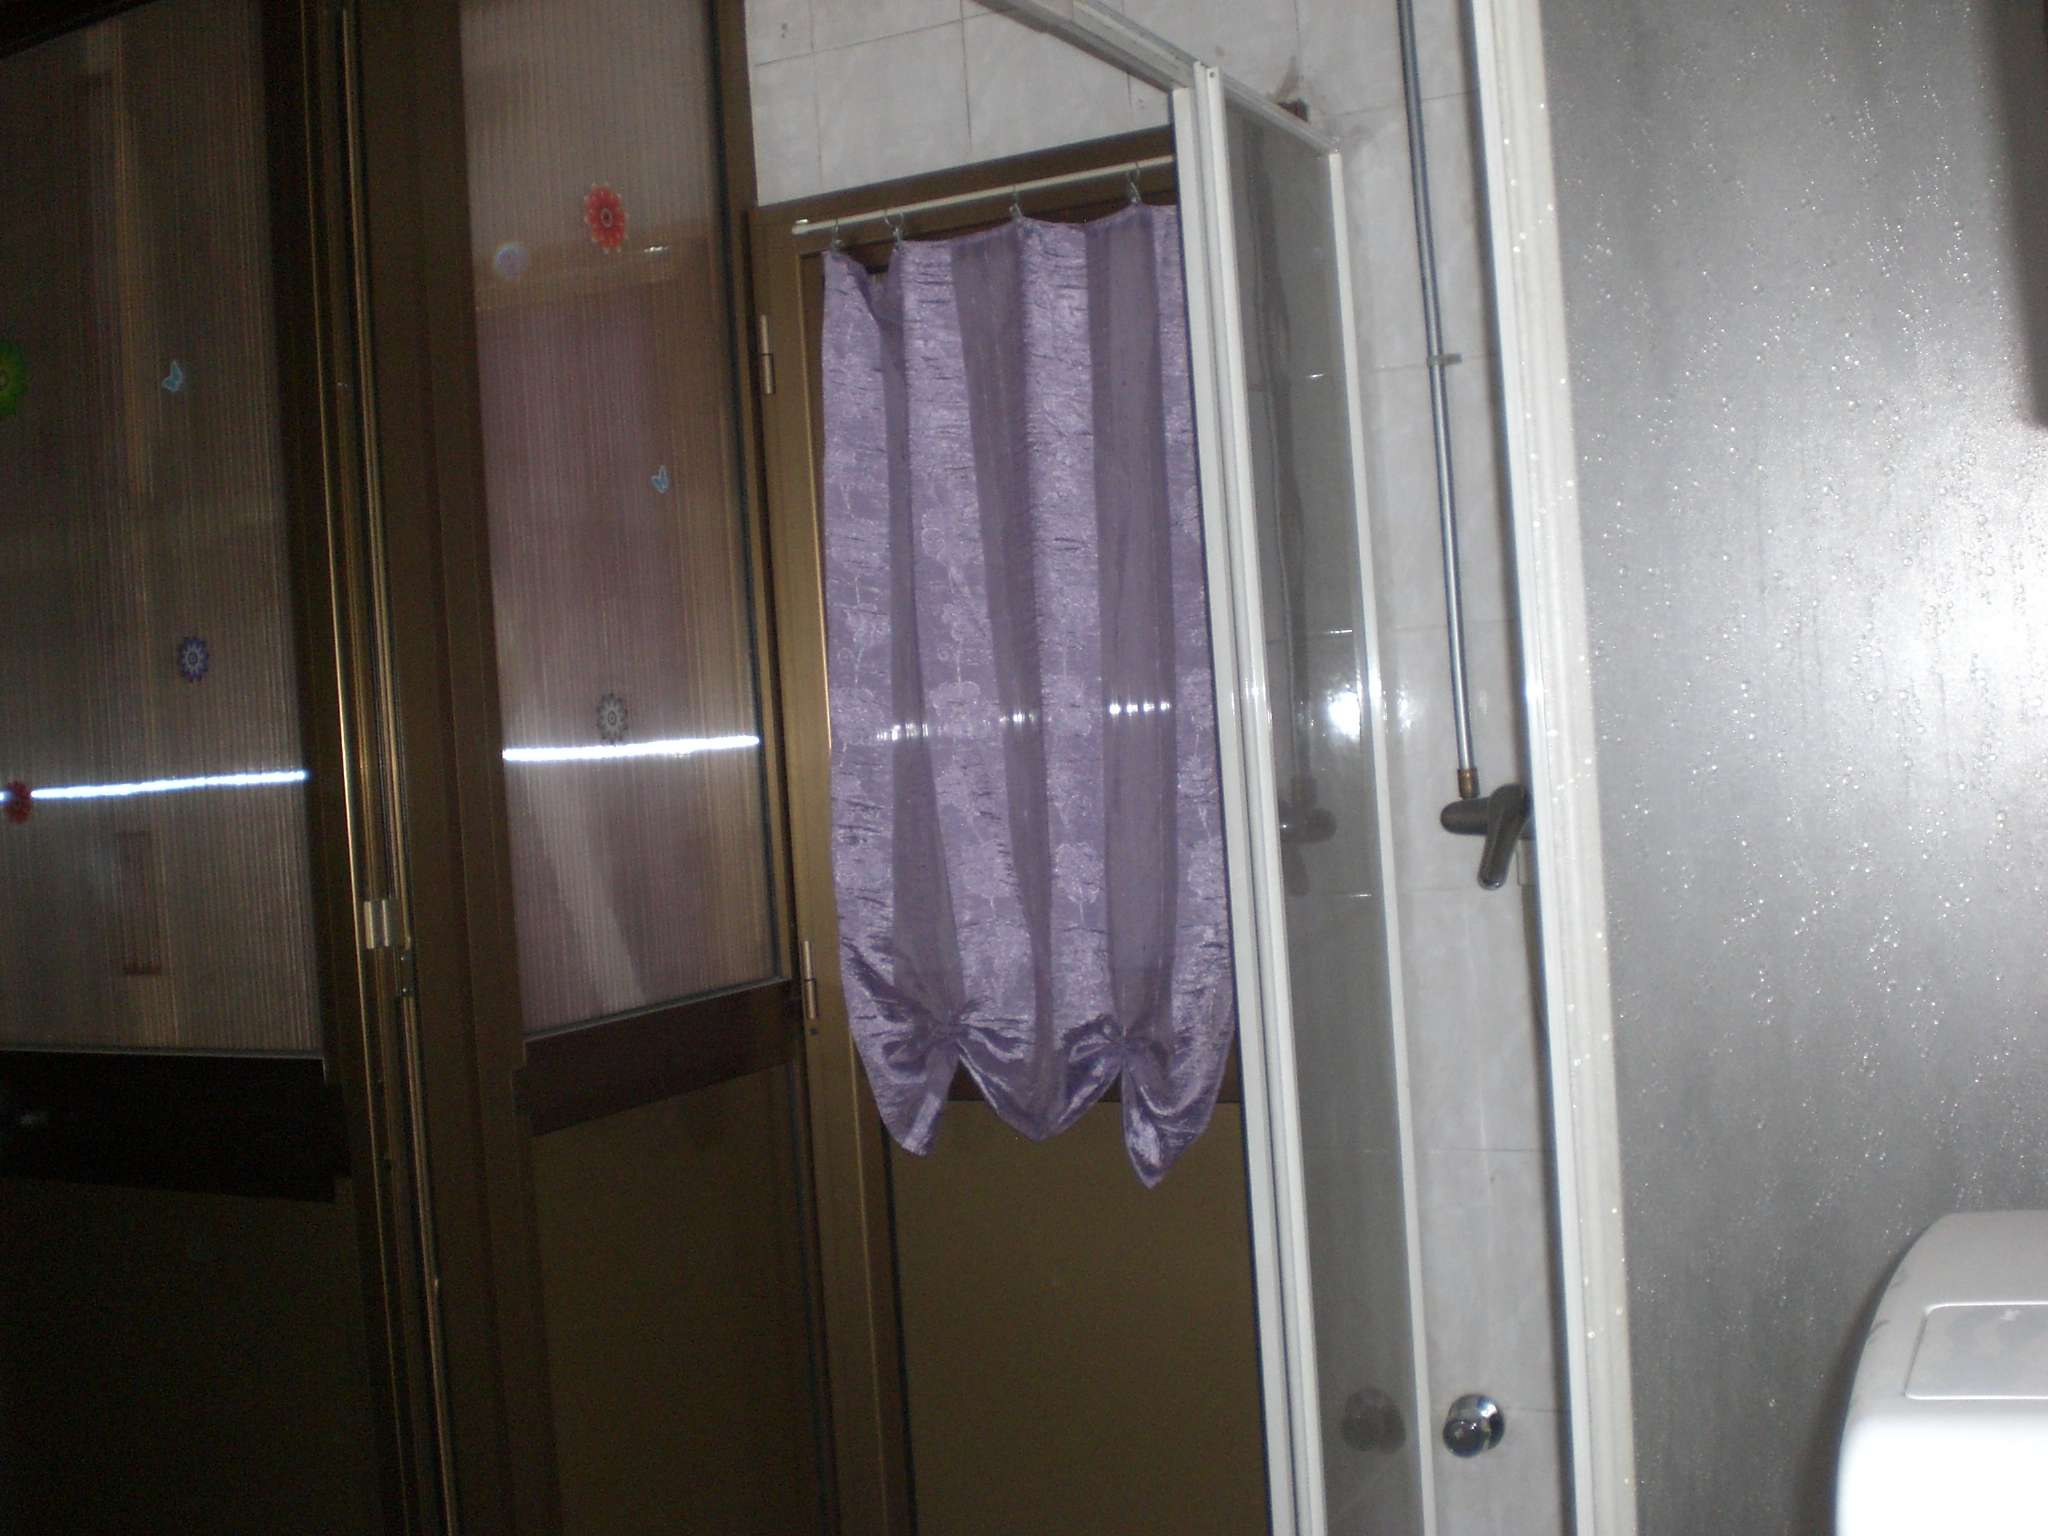 In Vendita Appartamento a Bussoleno